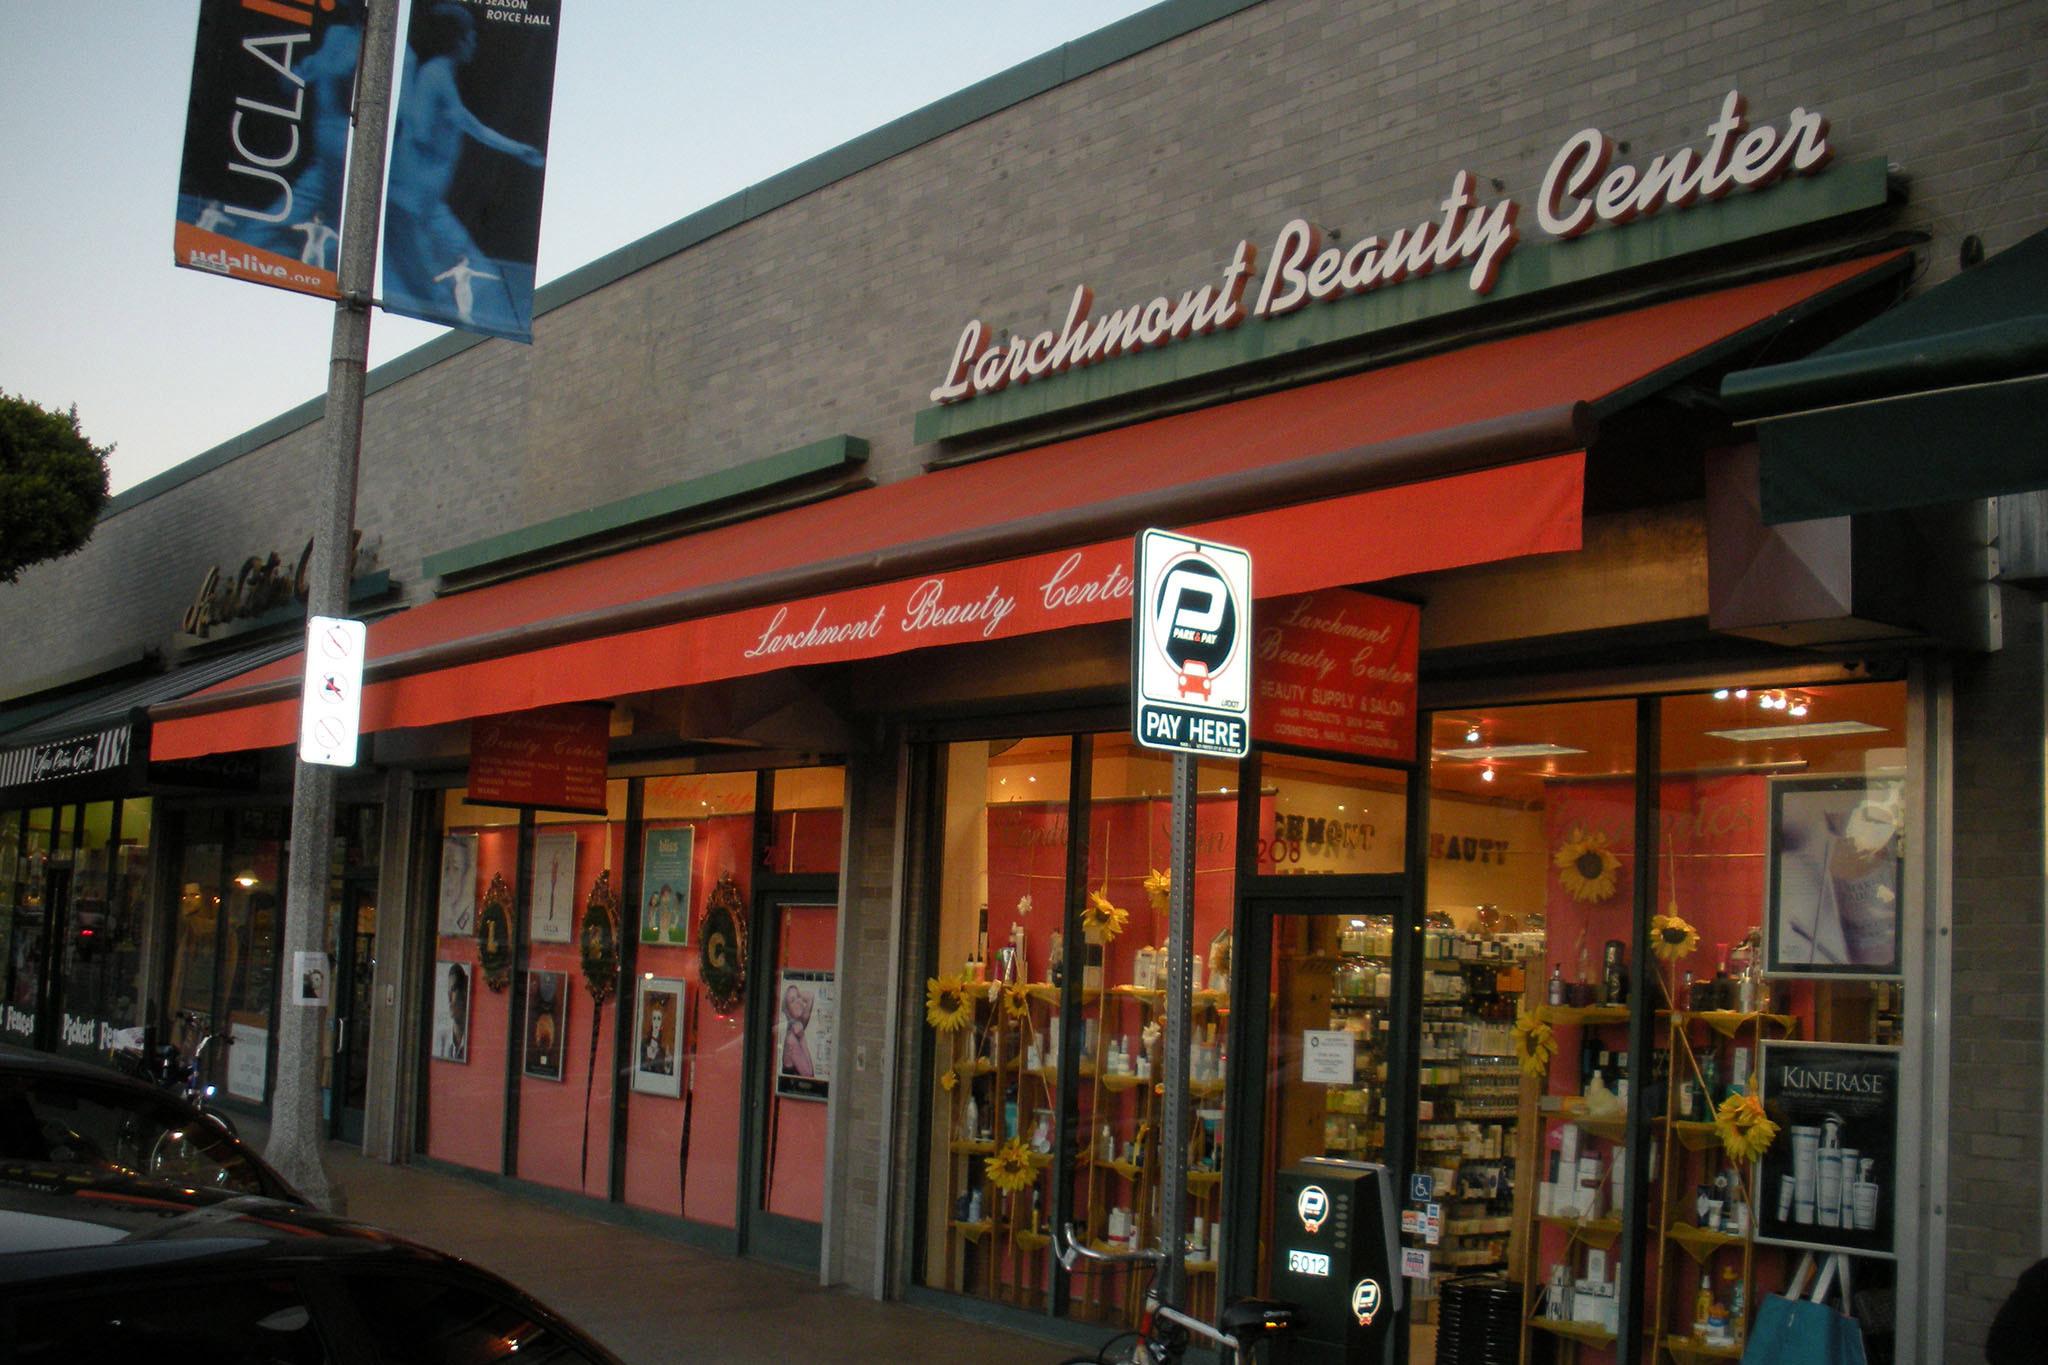 Larchmont Beauty Center